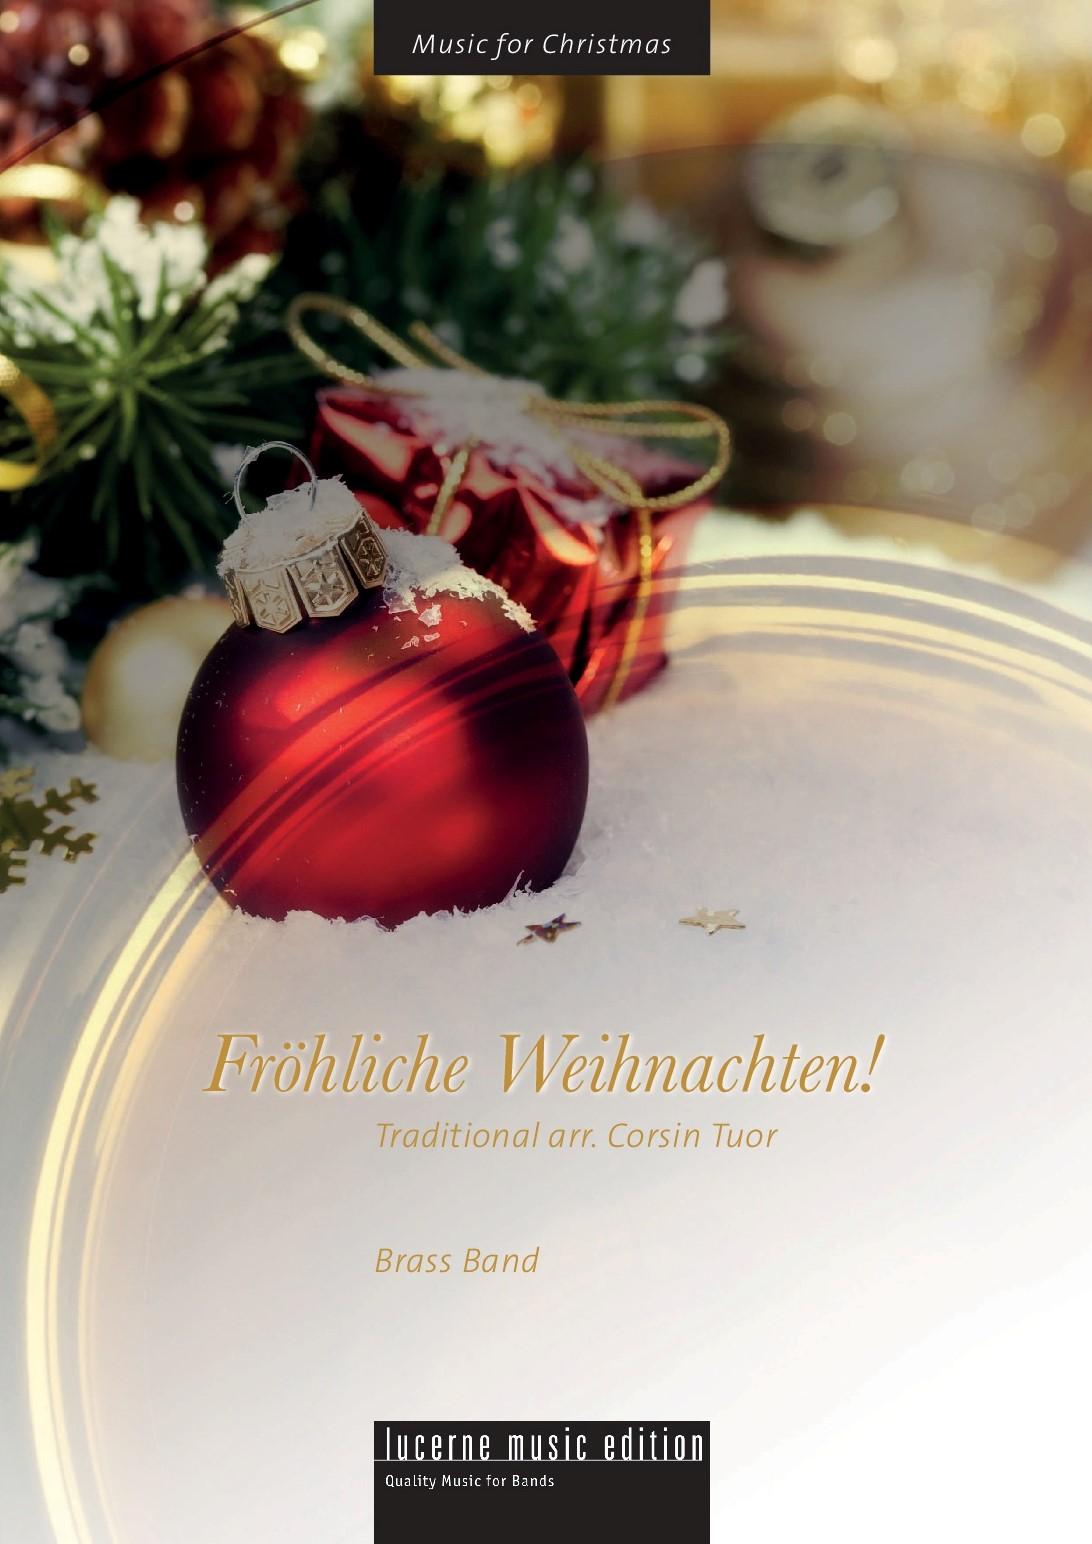 Fröhliche Weihnachten!  (Merry Christmas!)